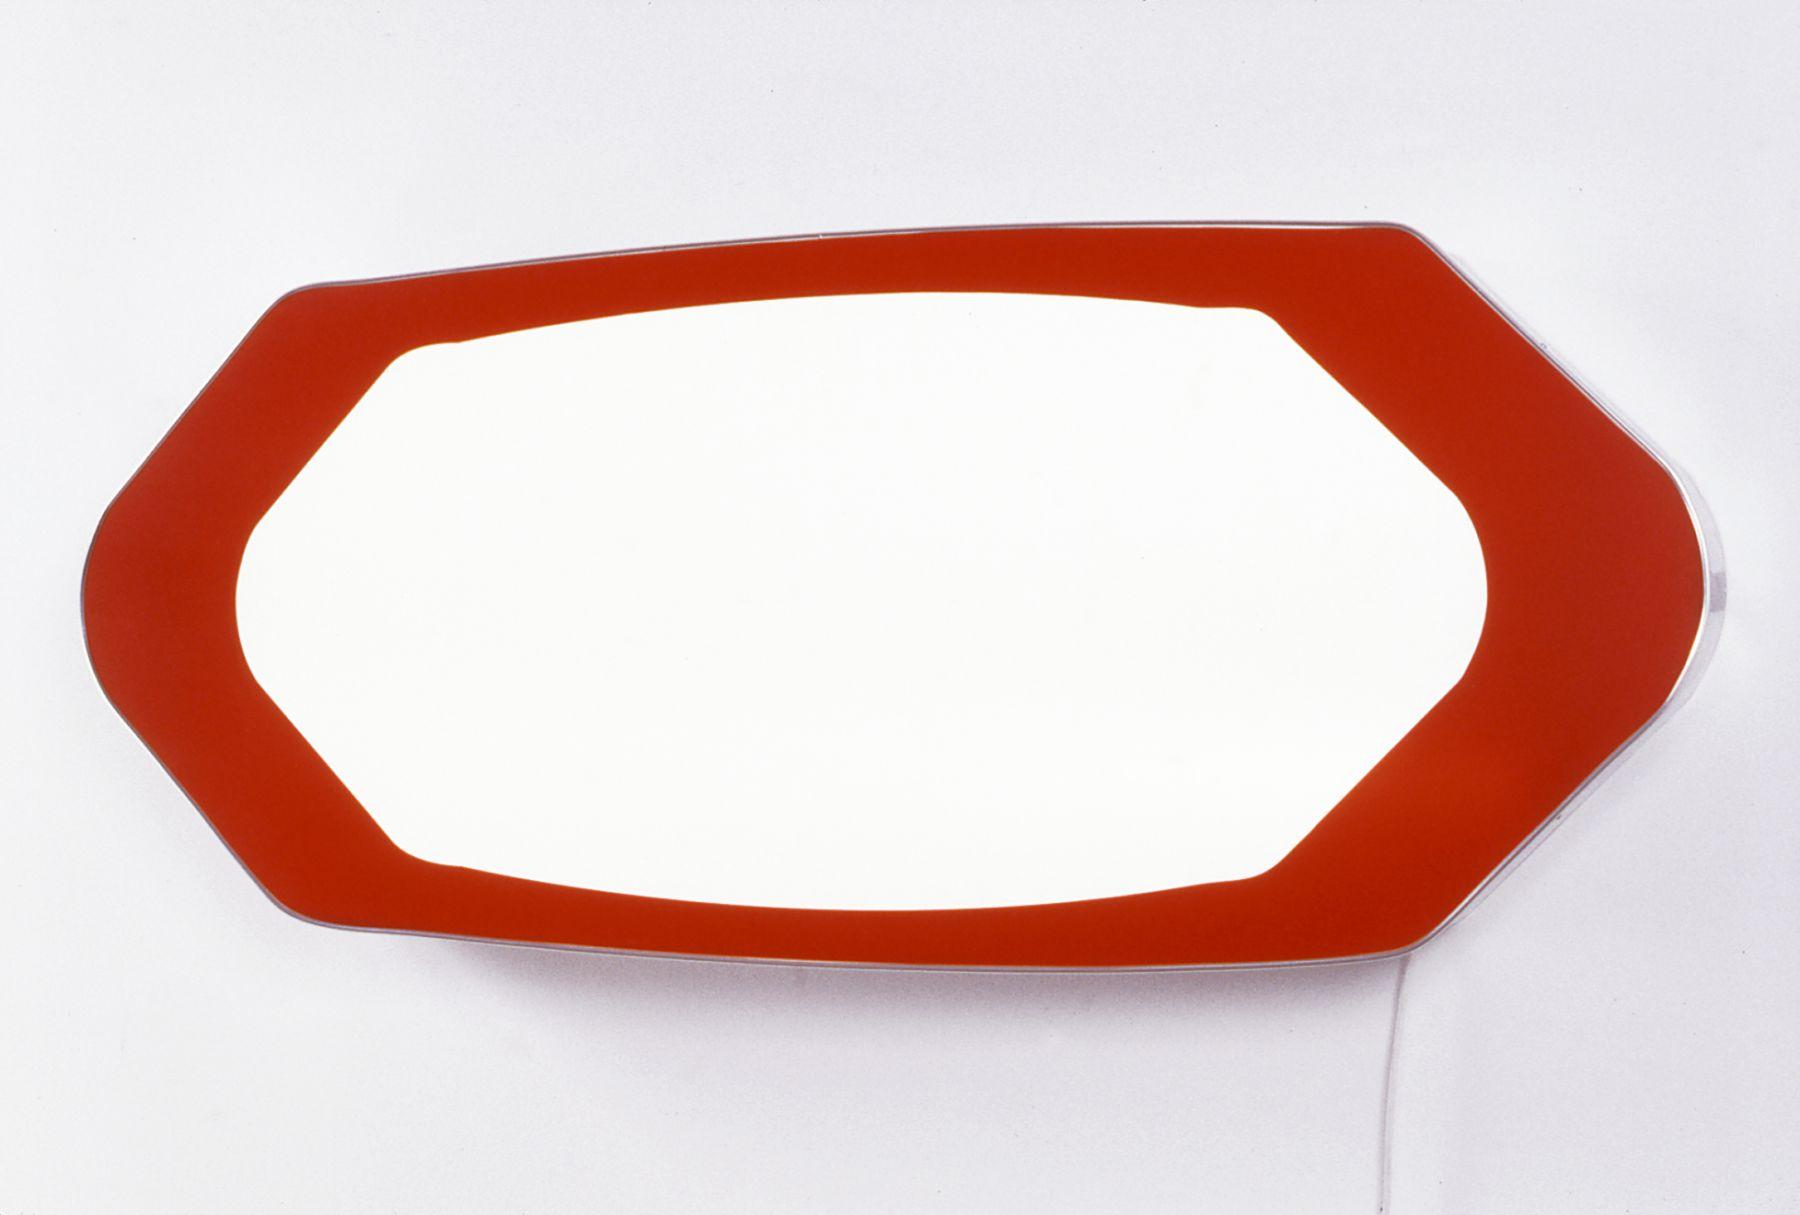 Daniel Pflumm Untitled, 1999 Lightbox 55 x 24 3/4 x 6 inches (139.7 x 62.87 x 15.24 cm)